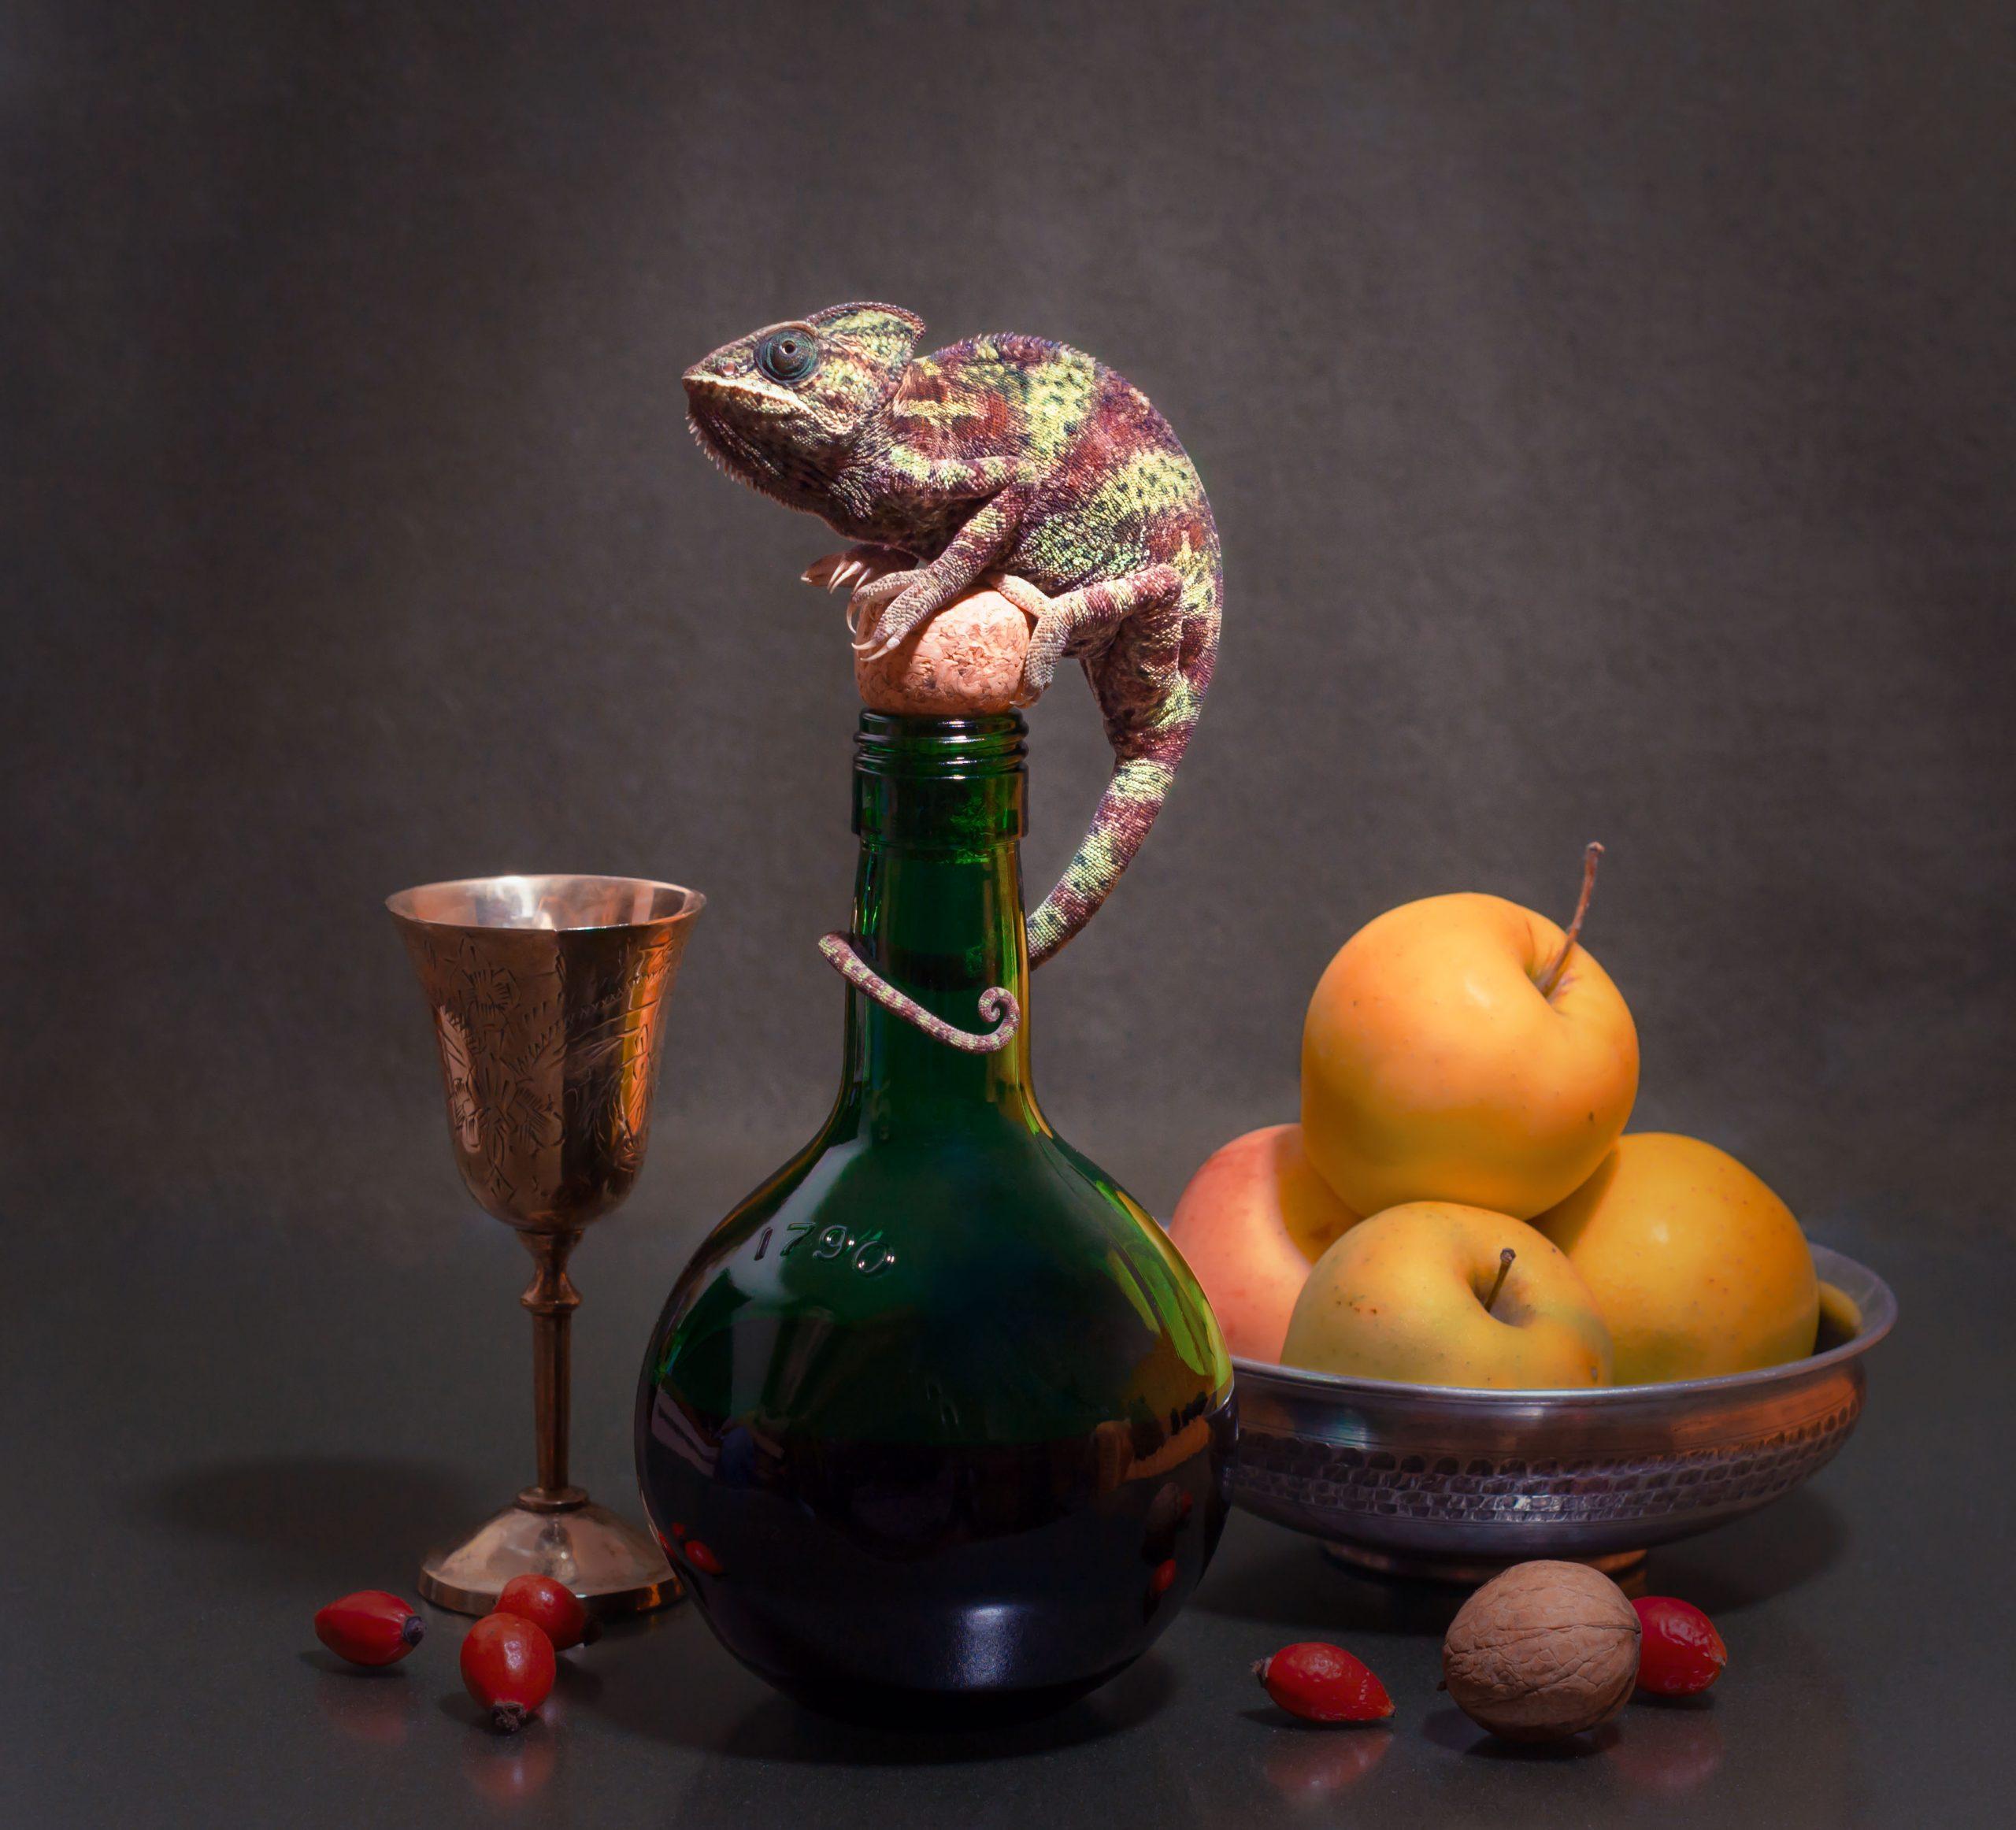 Фото с рептилиями Мариуполь